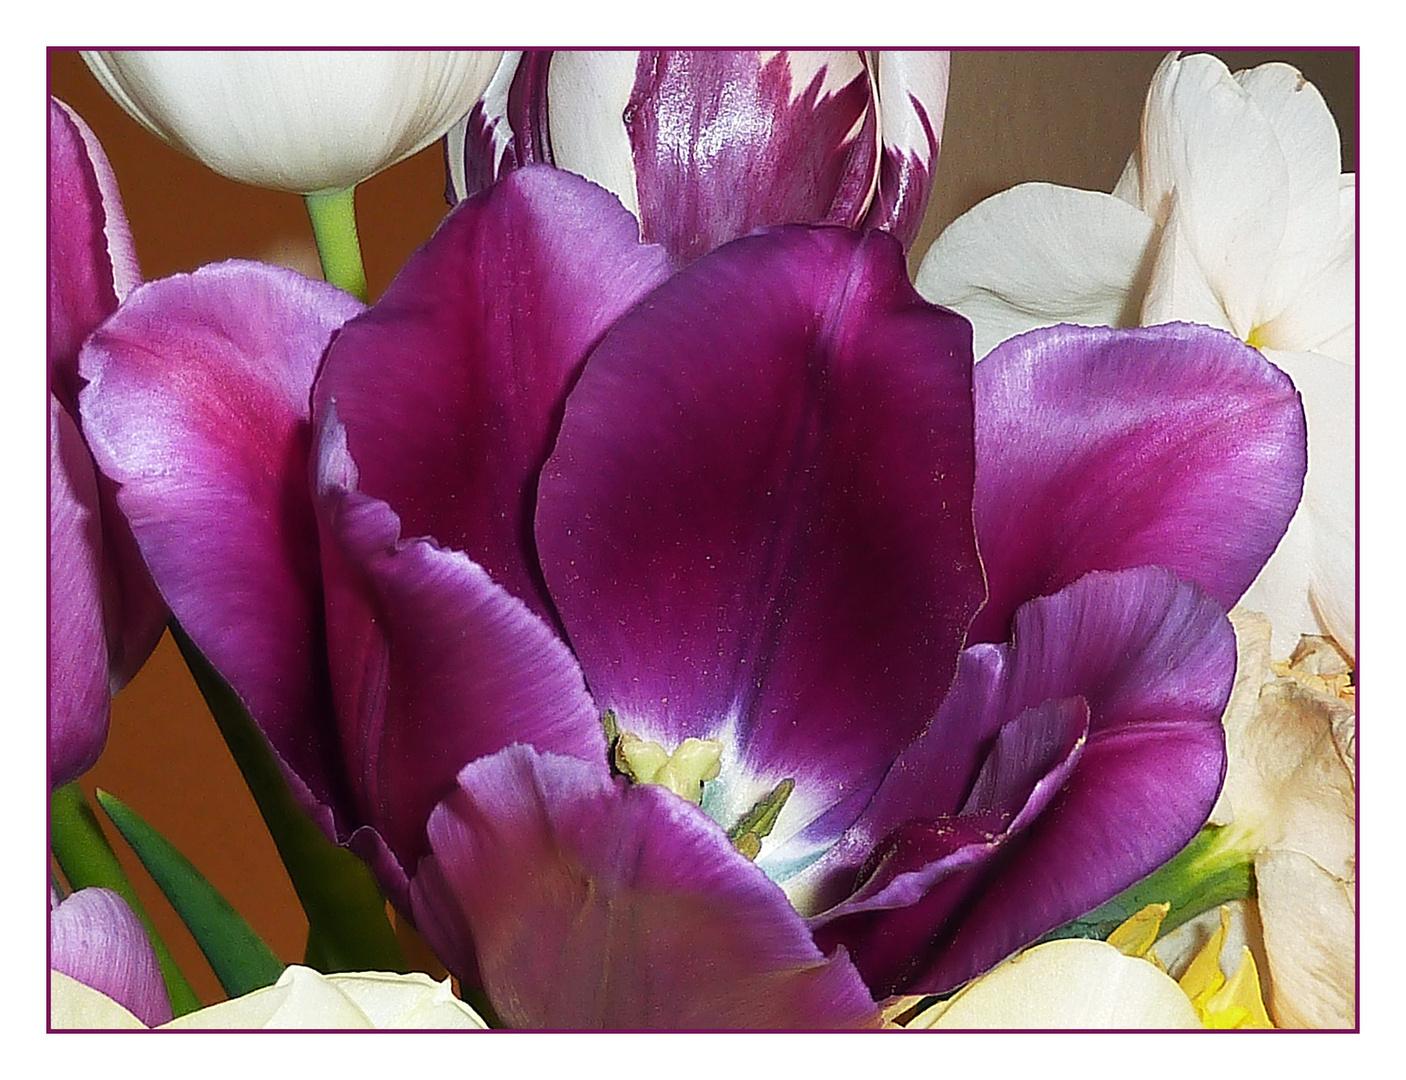 Diese farbe bei den tulpen mag ich besonders (reload)